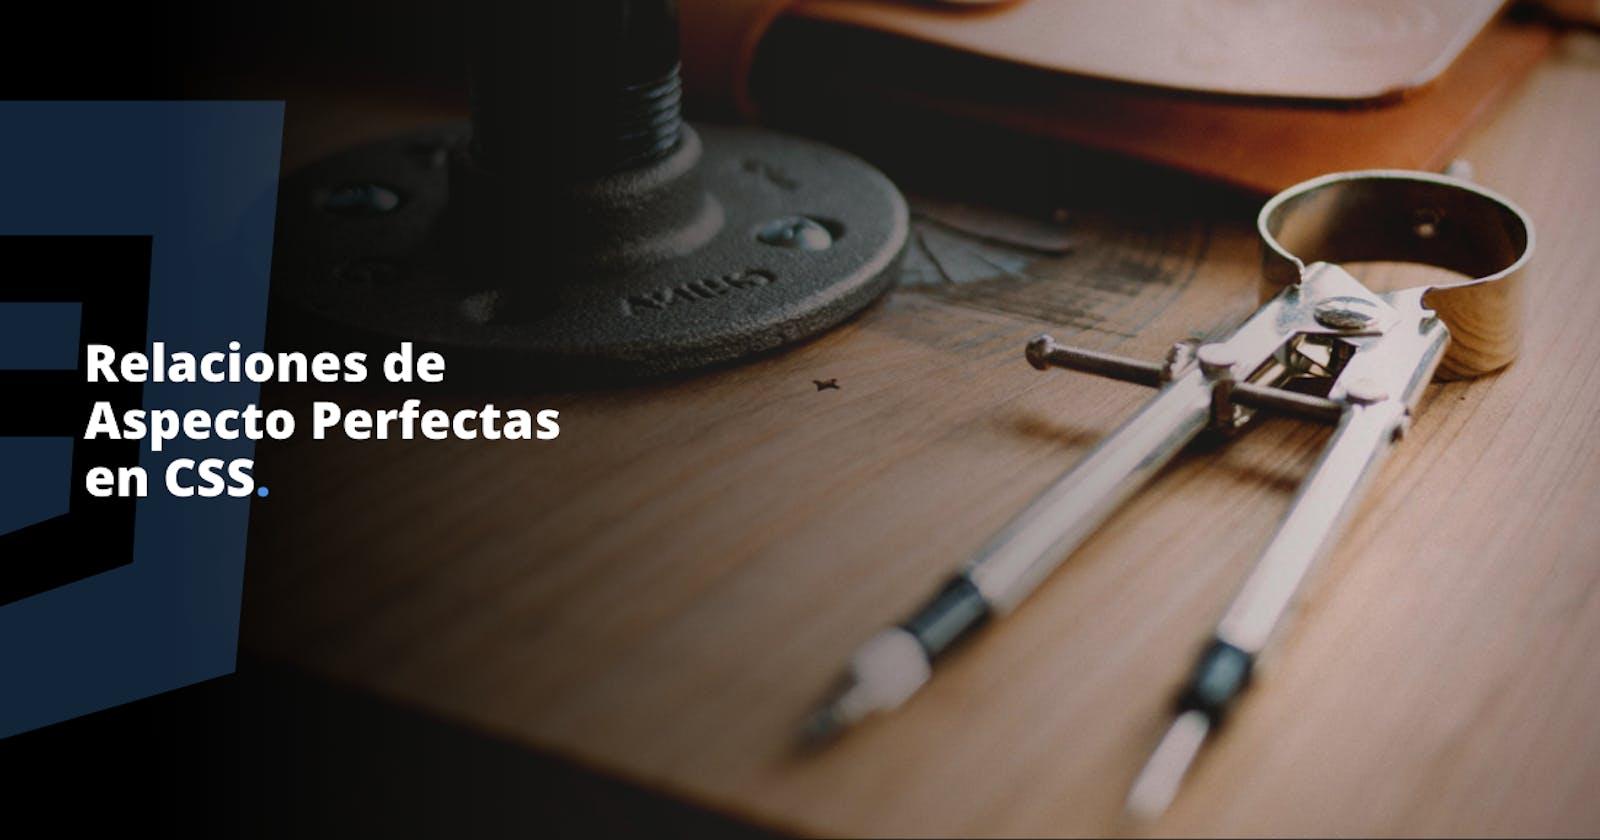 Relaciones de Aspecto Perfectas en CSS